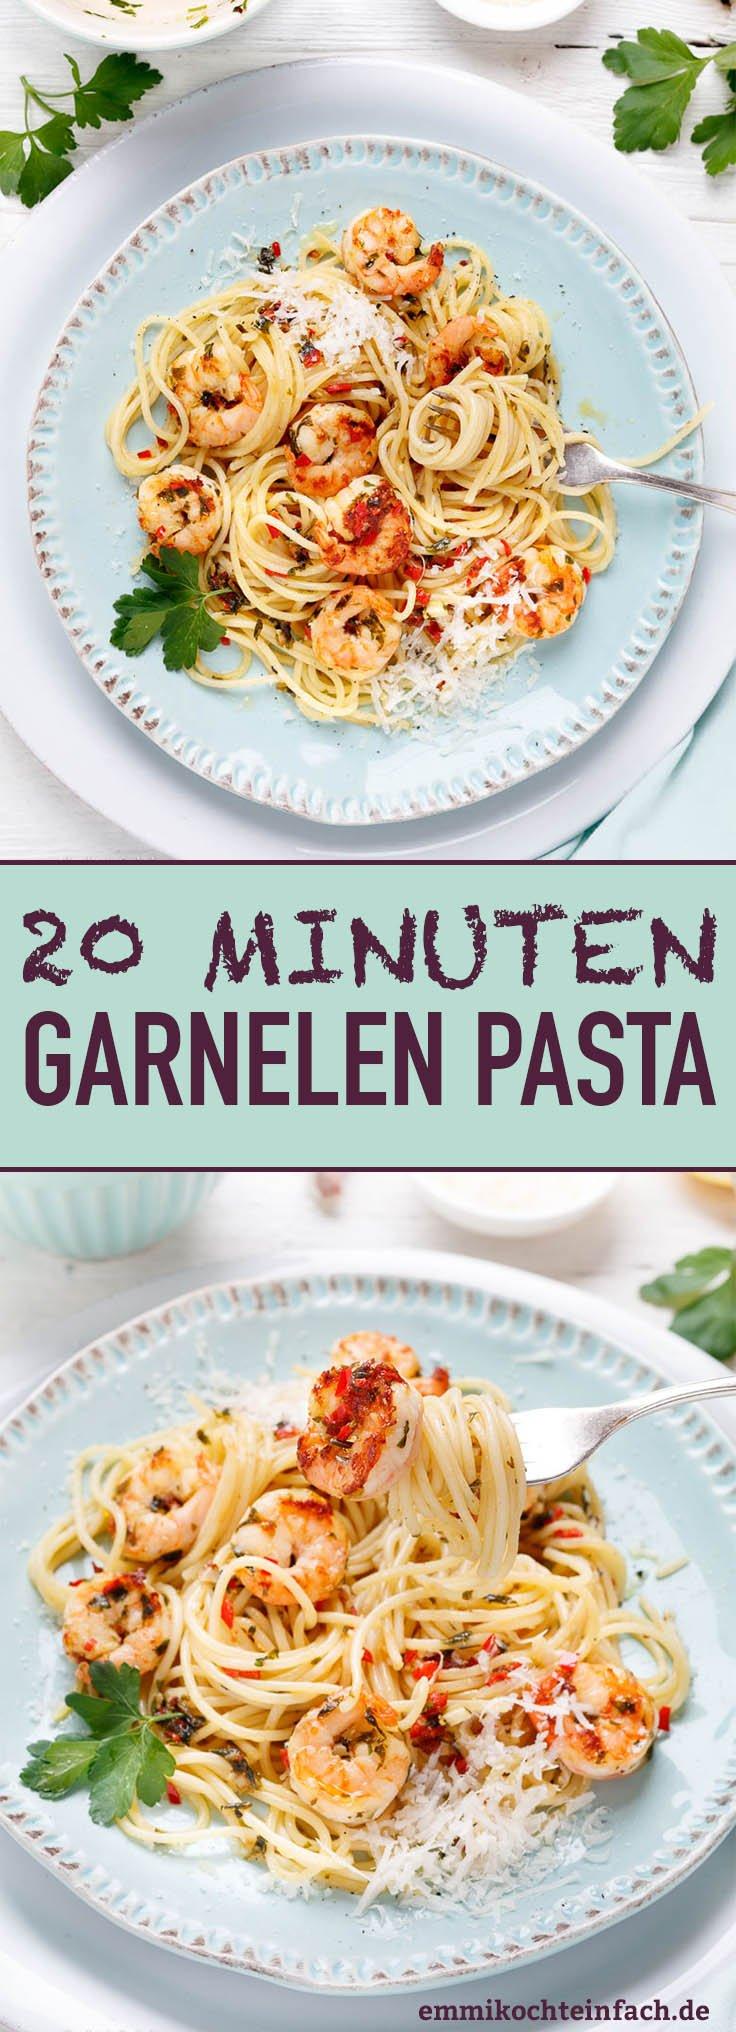 20-Minuten Garnelen Pasta - www.emmikochteinfach.de